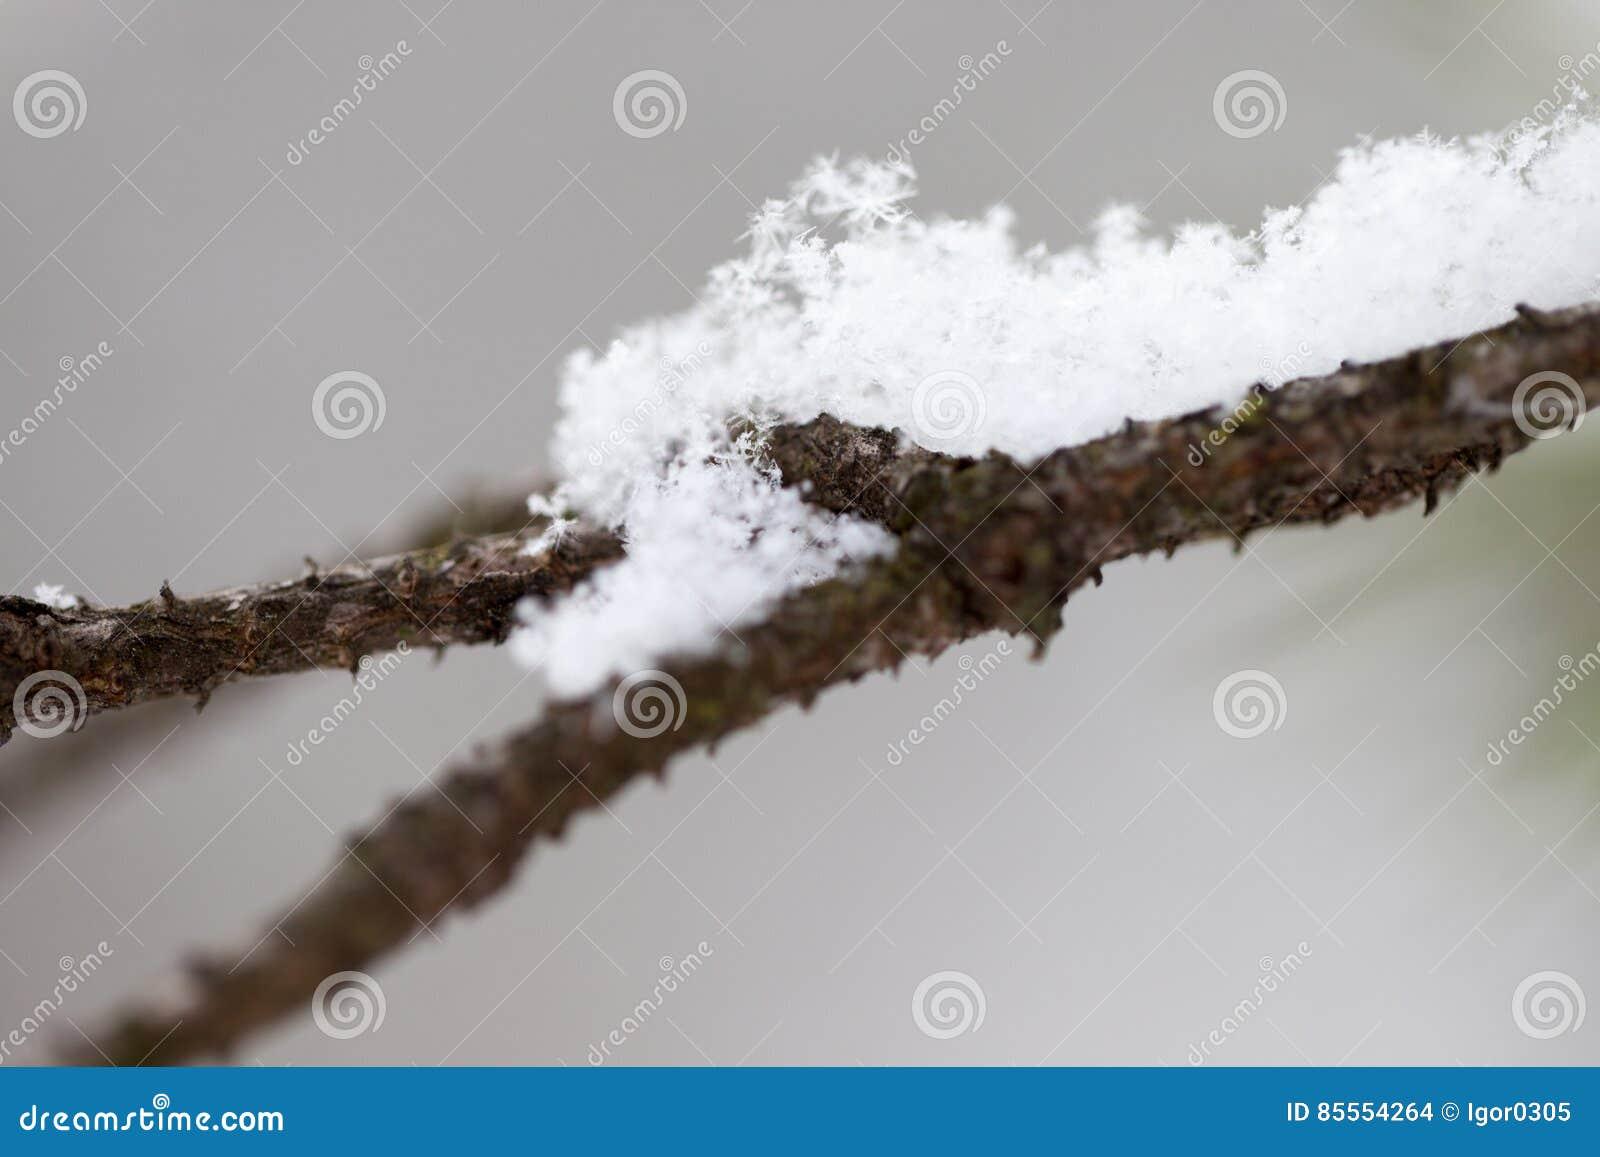 Verzweigen Sie sich mit Schnee